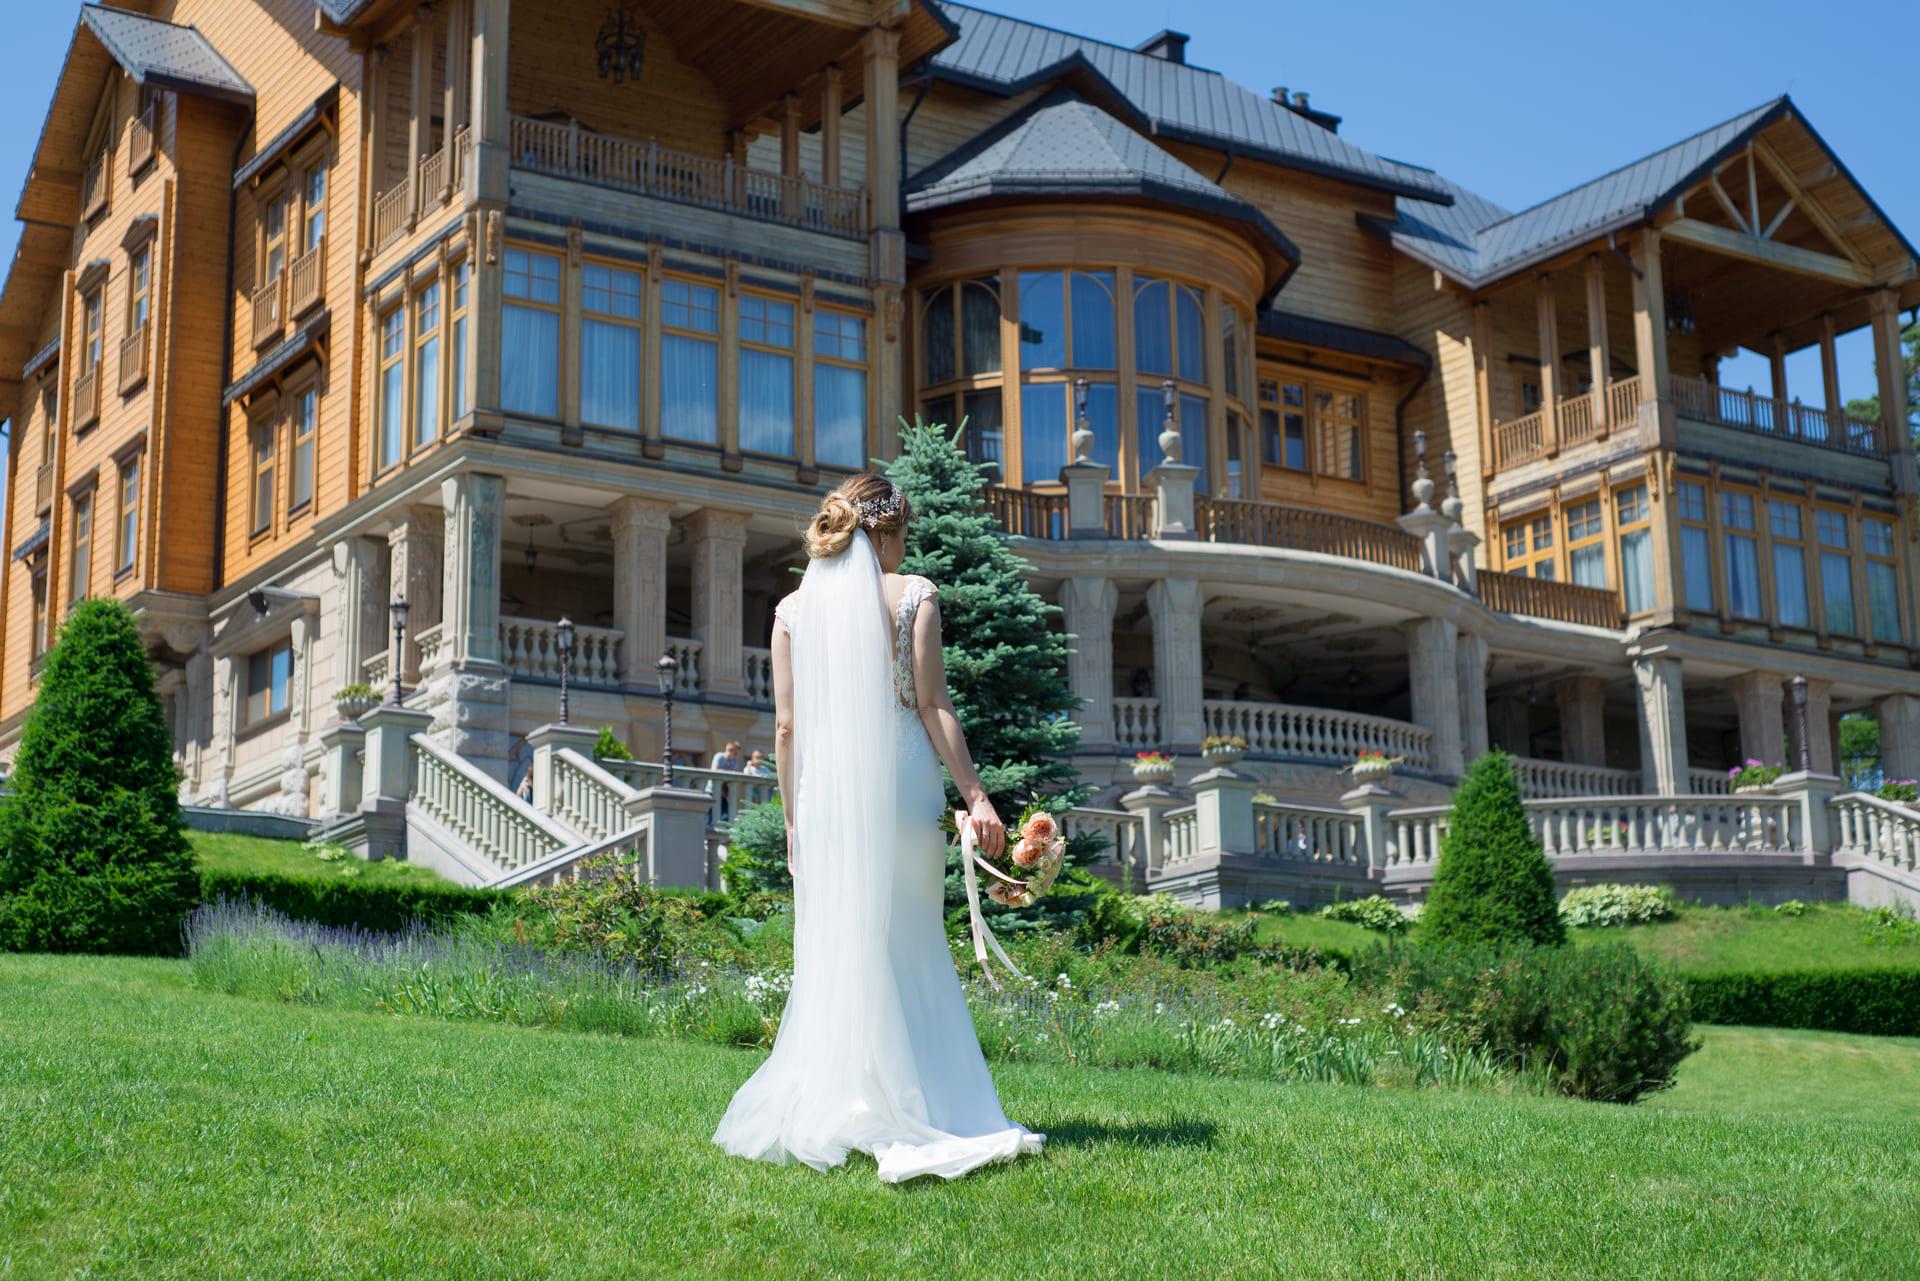 Свадебная фотосессия в Межигорье: Невеста позирует на зеленой лужайке